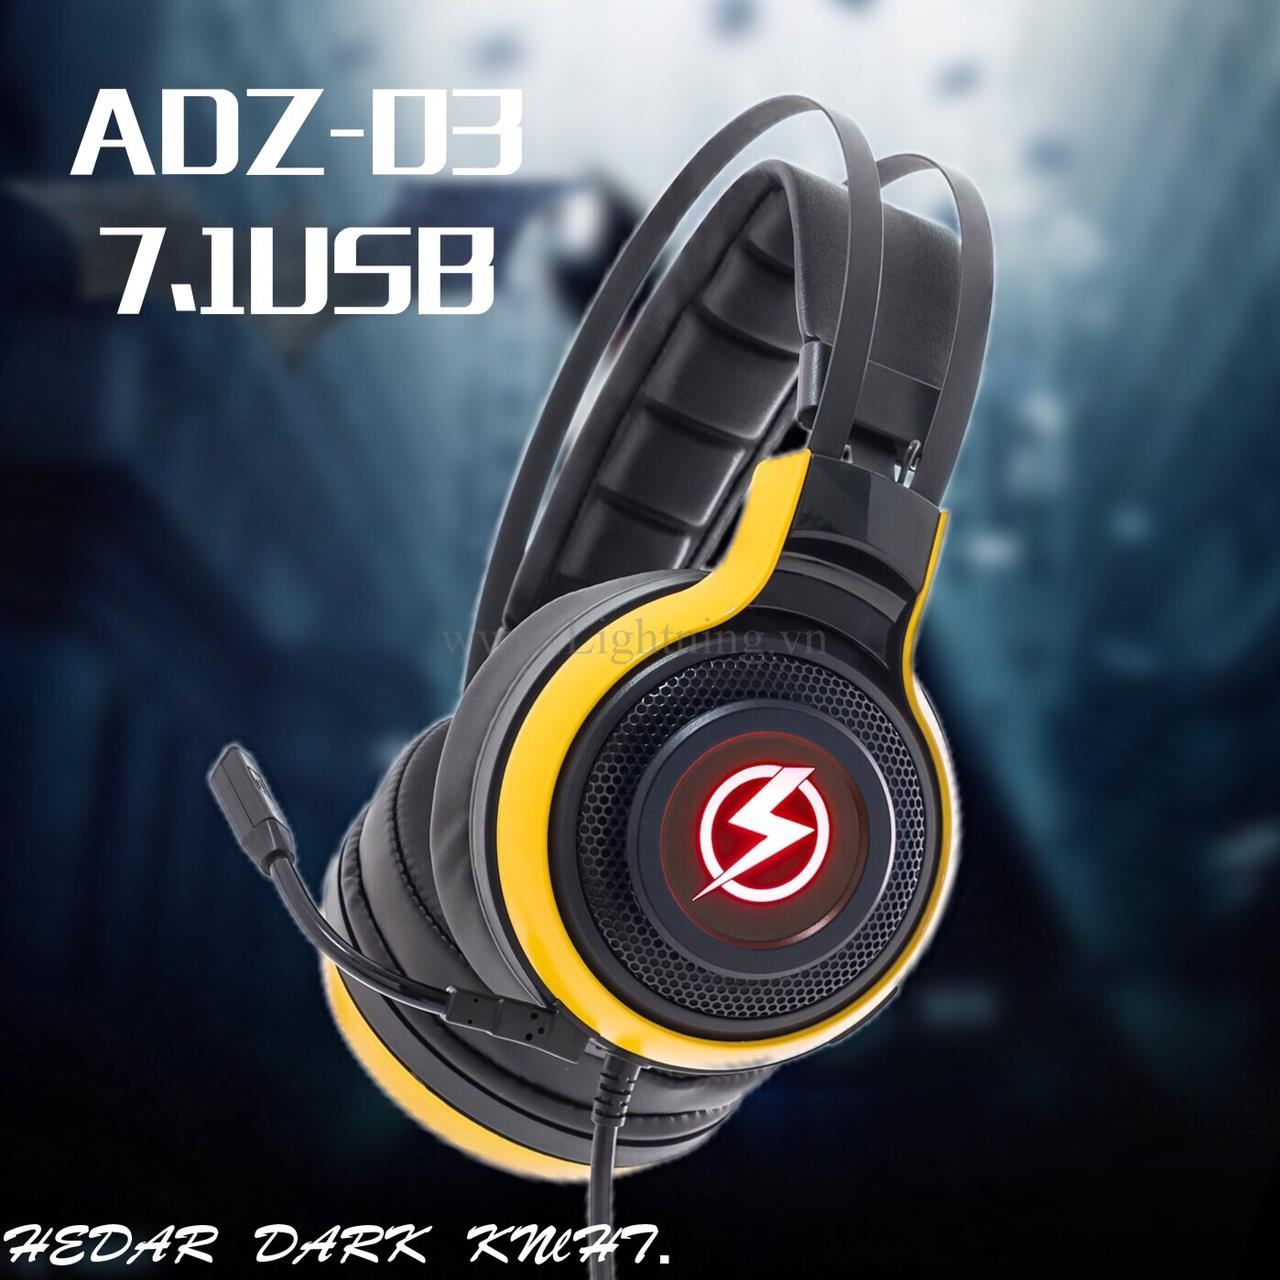 Tai nghe Gaming Lightning ADZ03